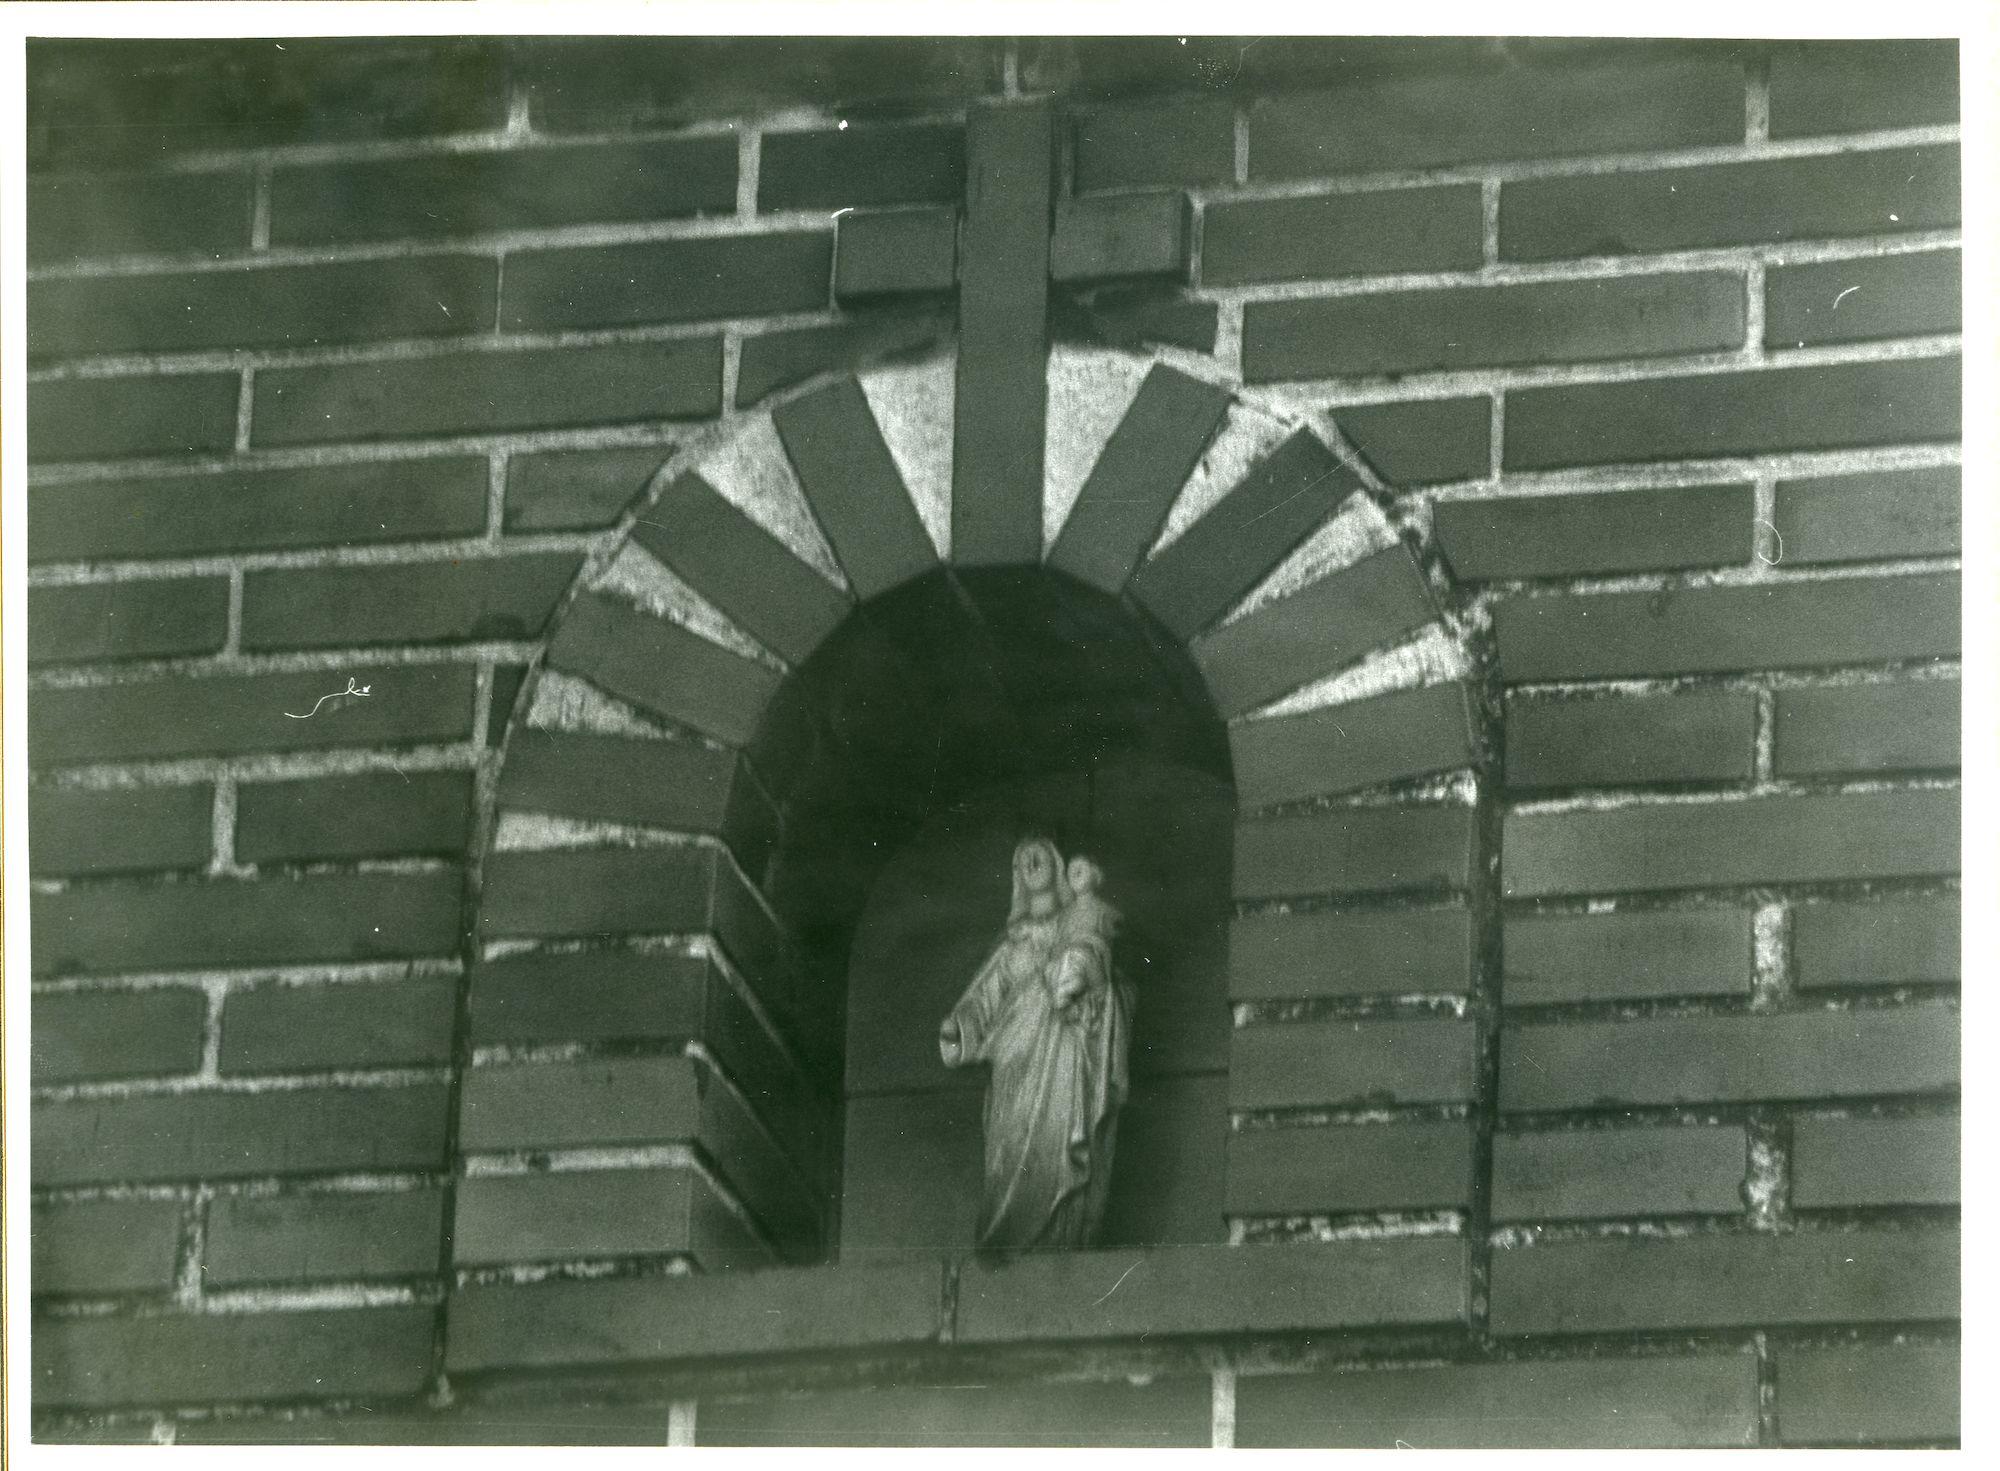 Sint-Denijs-Westrem: Lauwstraat 12: Gevelbeeld, 1979